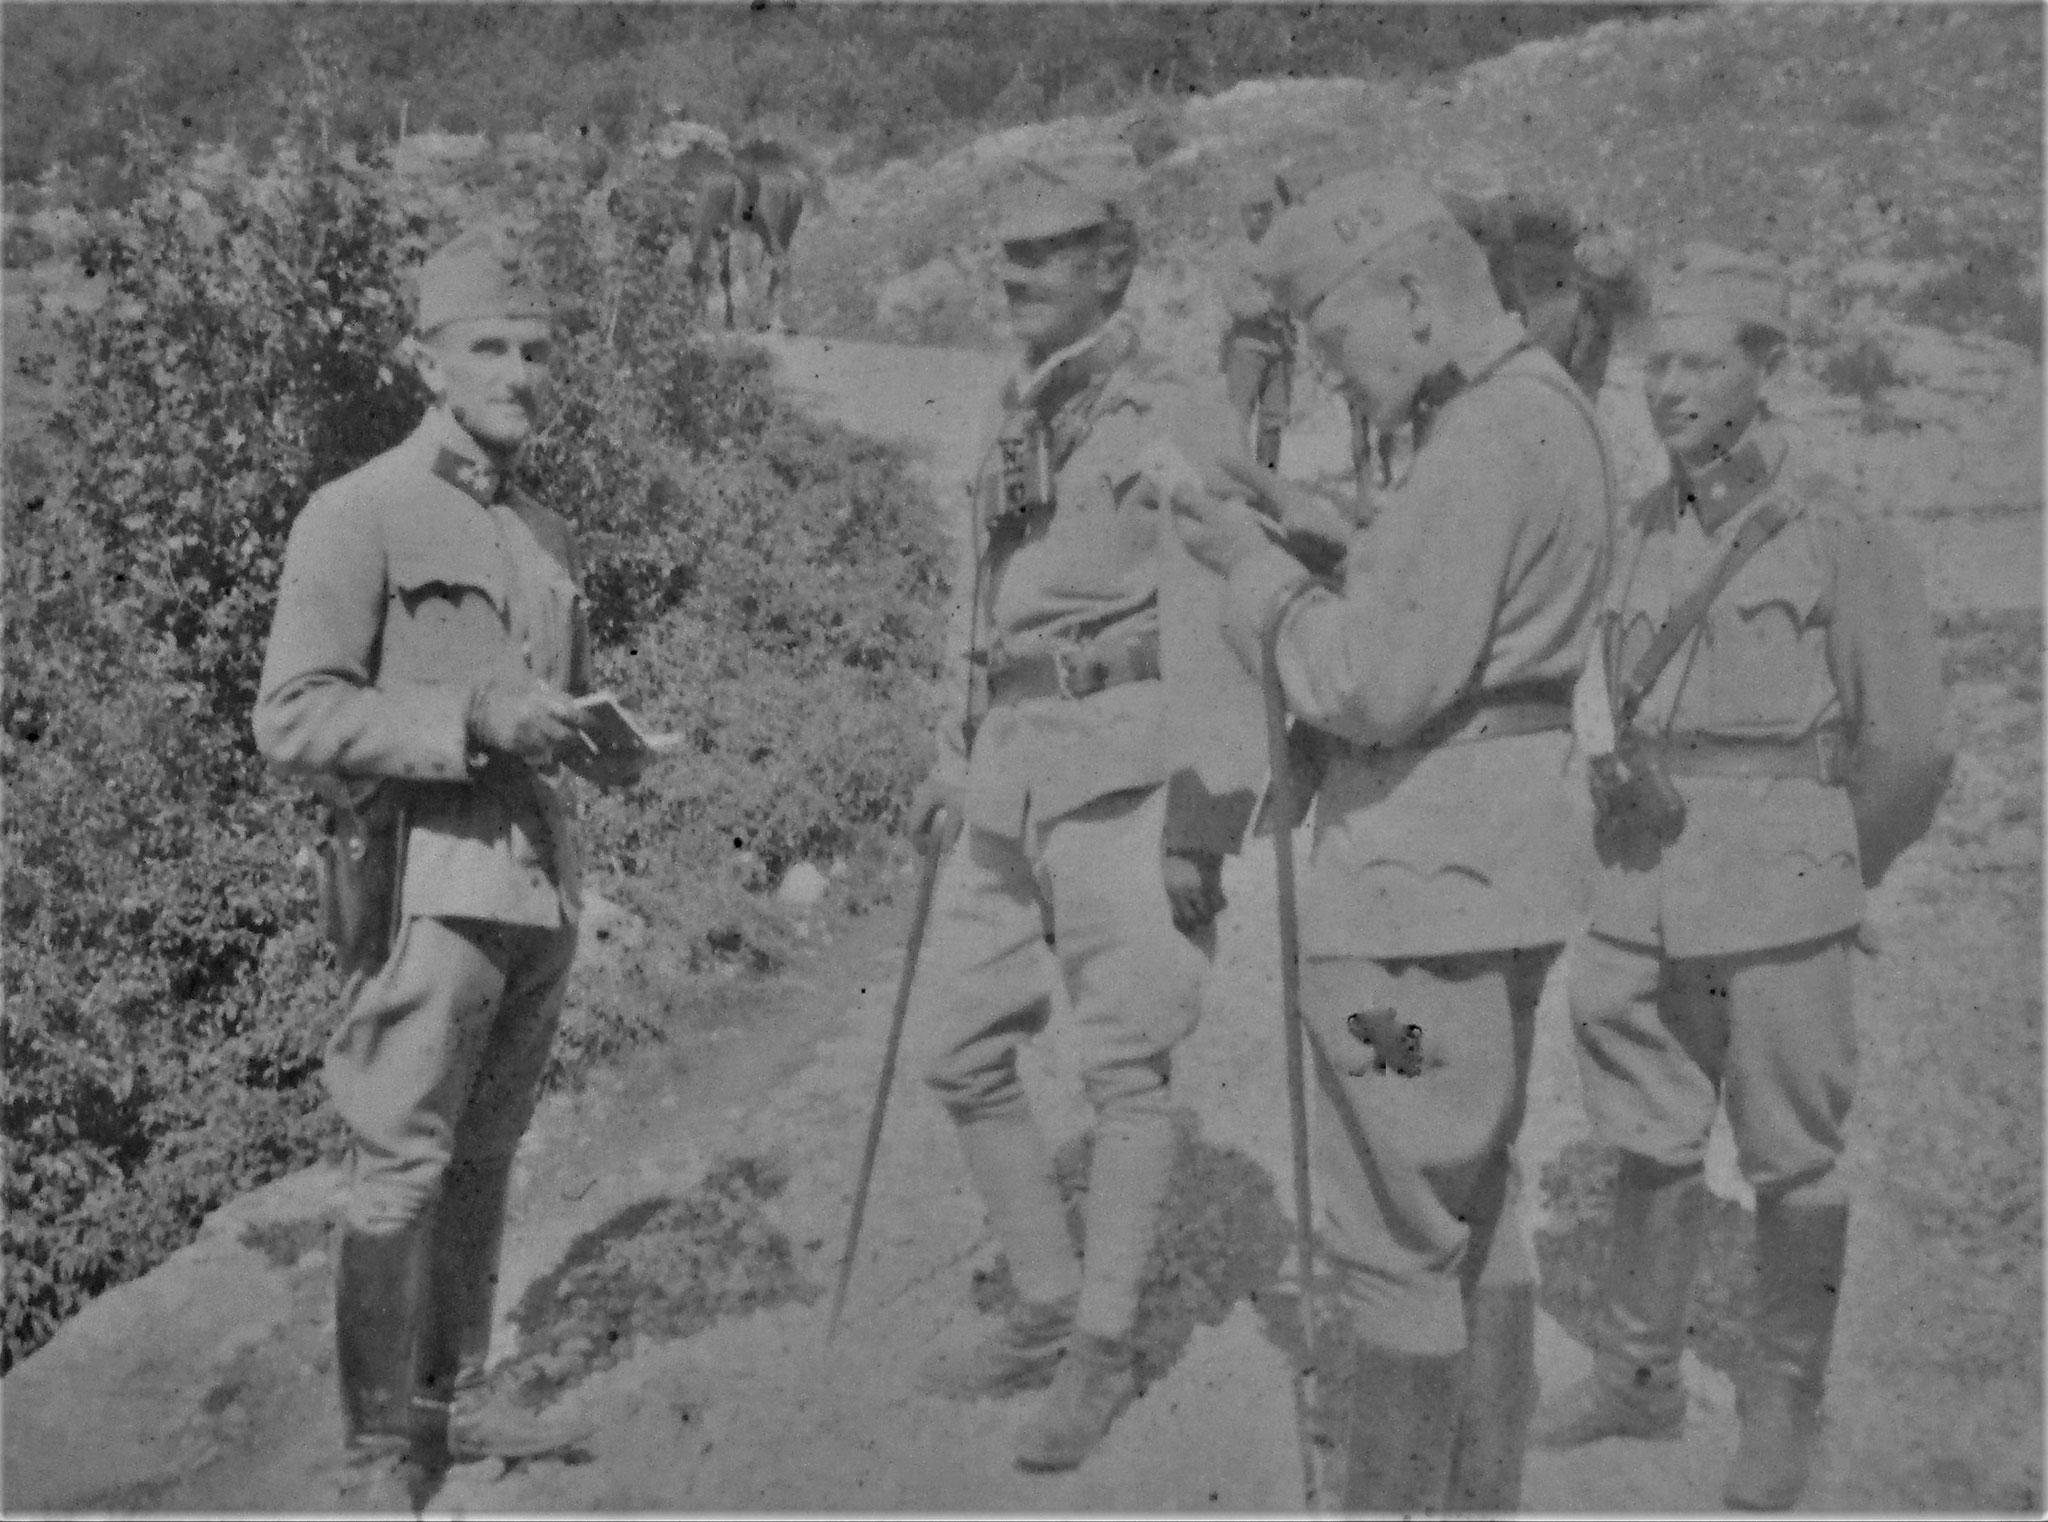 Visitierung durch Obstlt Br. Airoldi: Messerschmidt (Rgtsadjut.), Airoldi (Int-Rgtskmdt), ich, Lt. i. d. Res. Johann Plank (ZgKmdt).